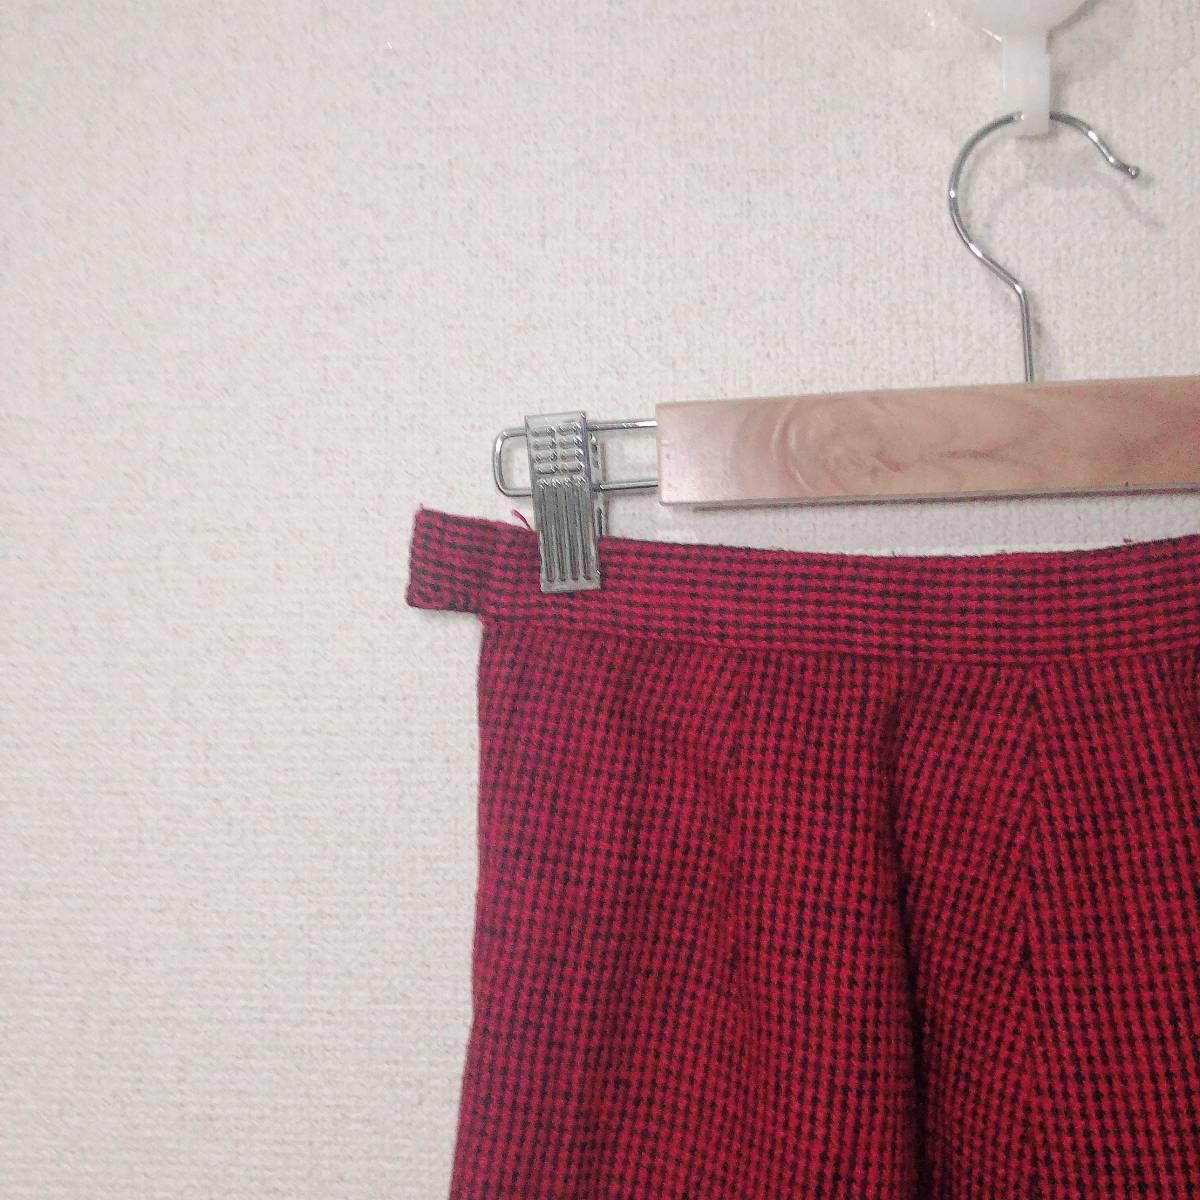 ハンドメイド スカート オリジナル フリーサイズ 赤